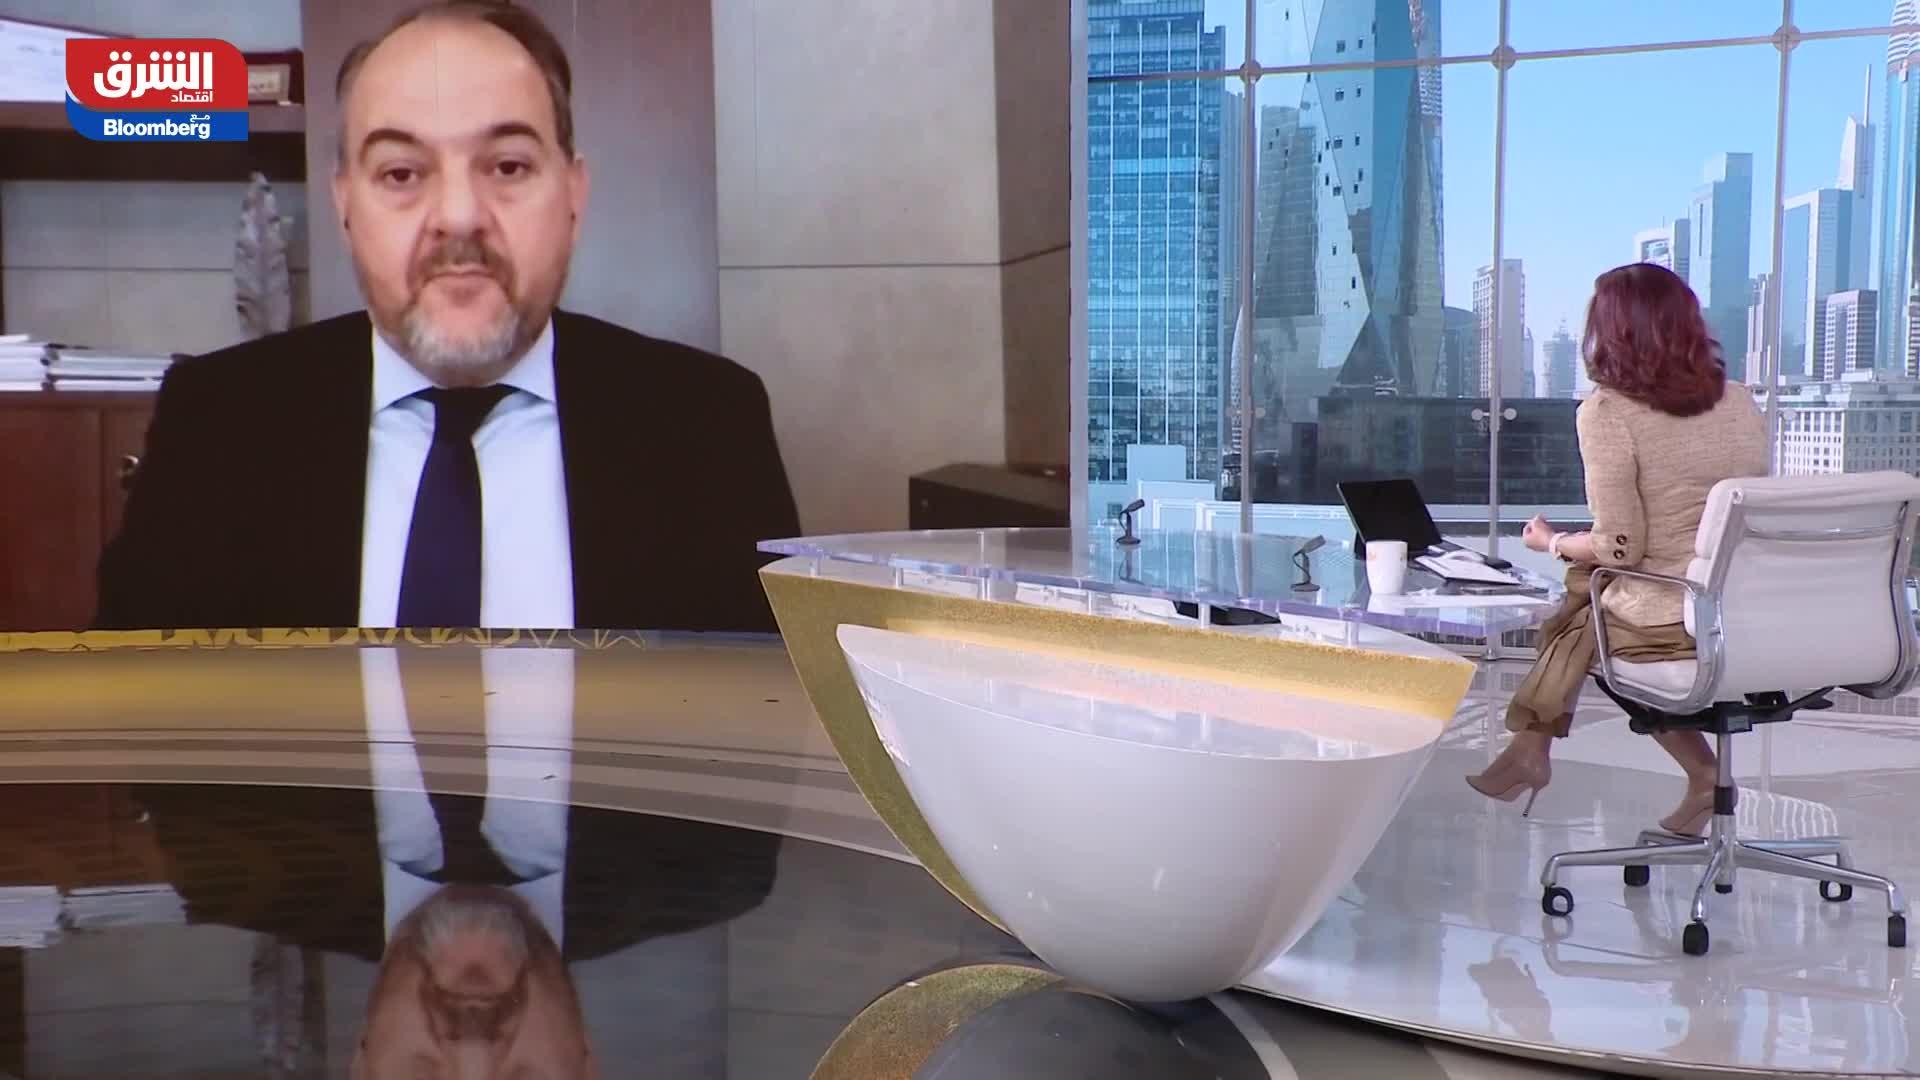 محمد علي ياسين : ربما لا يكتمل نصاب عمومية الاتحاد العقارية اليوم